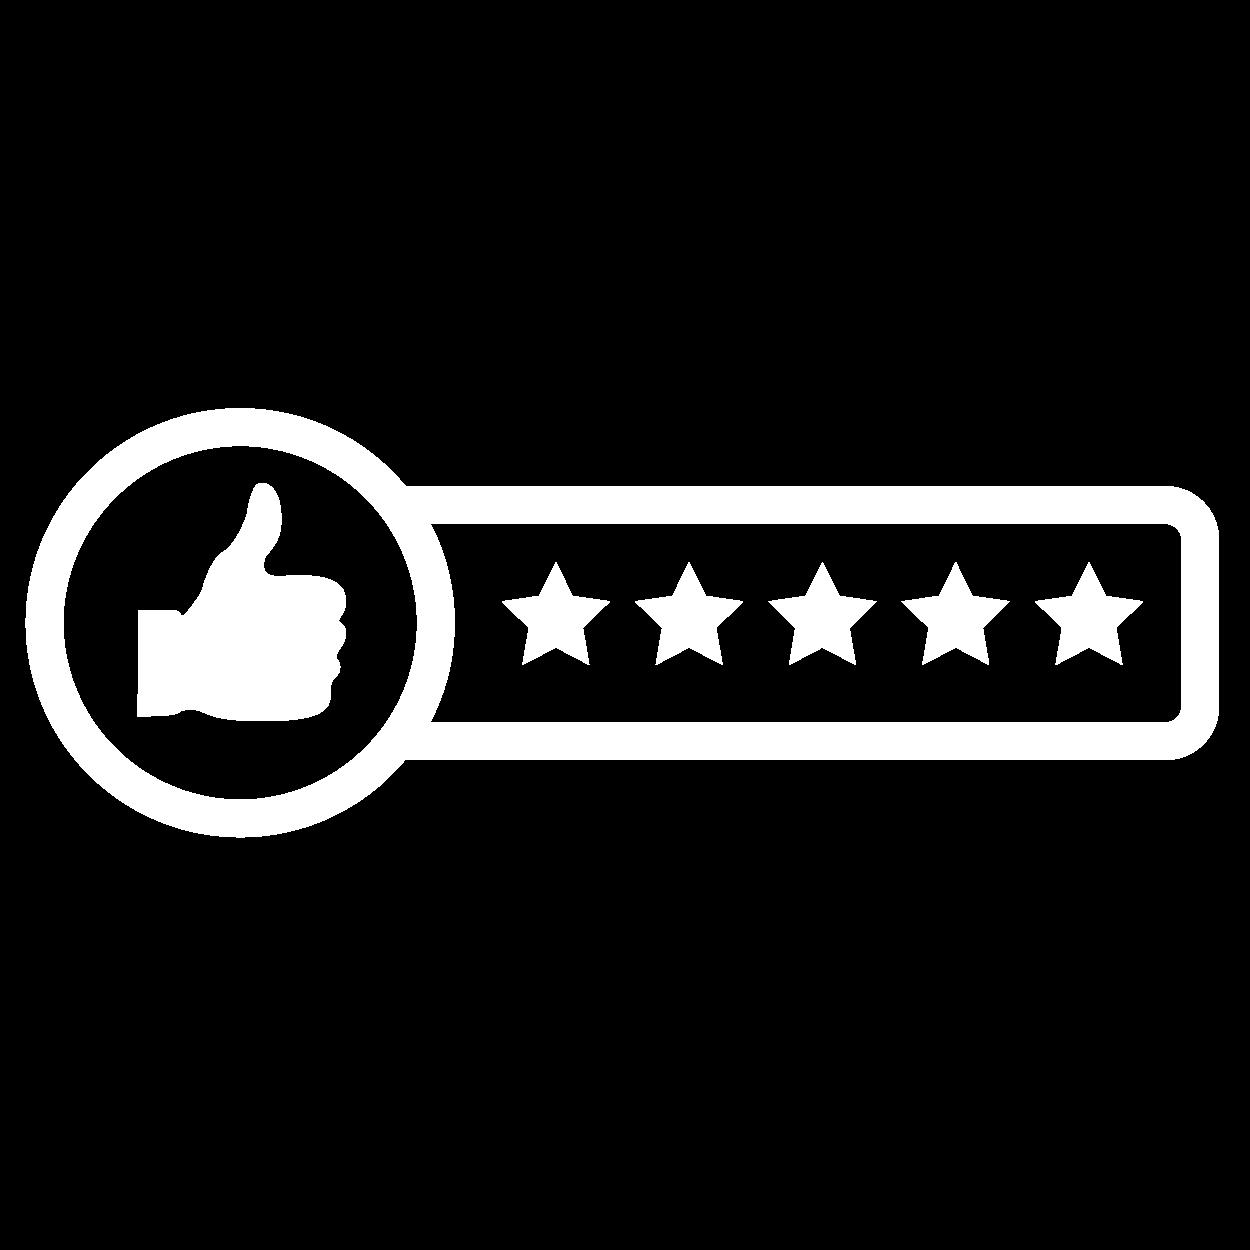 icone satisfação